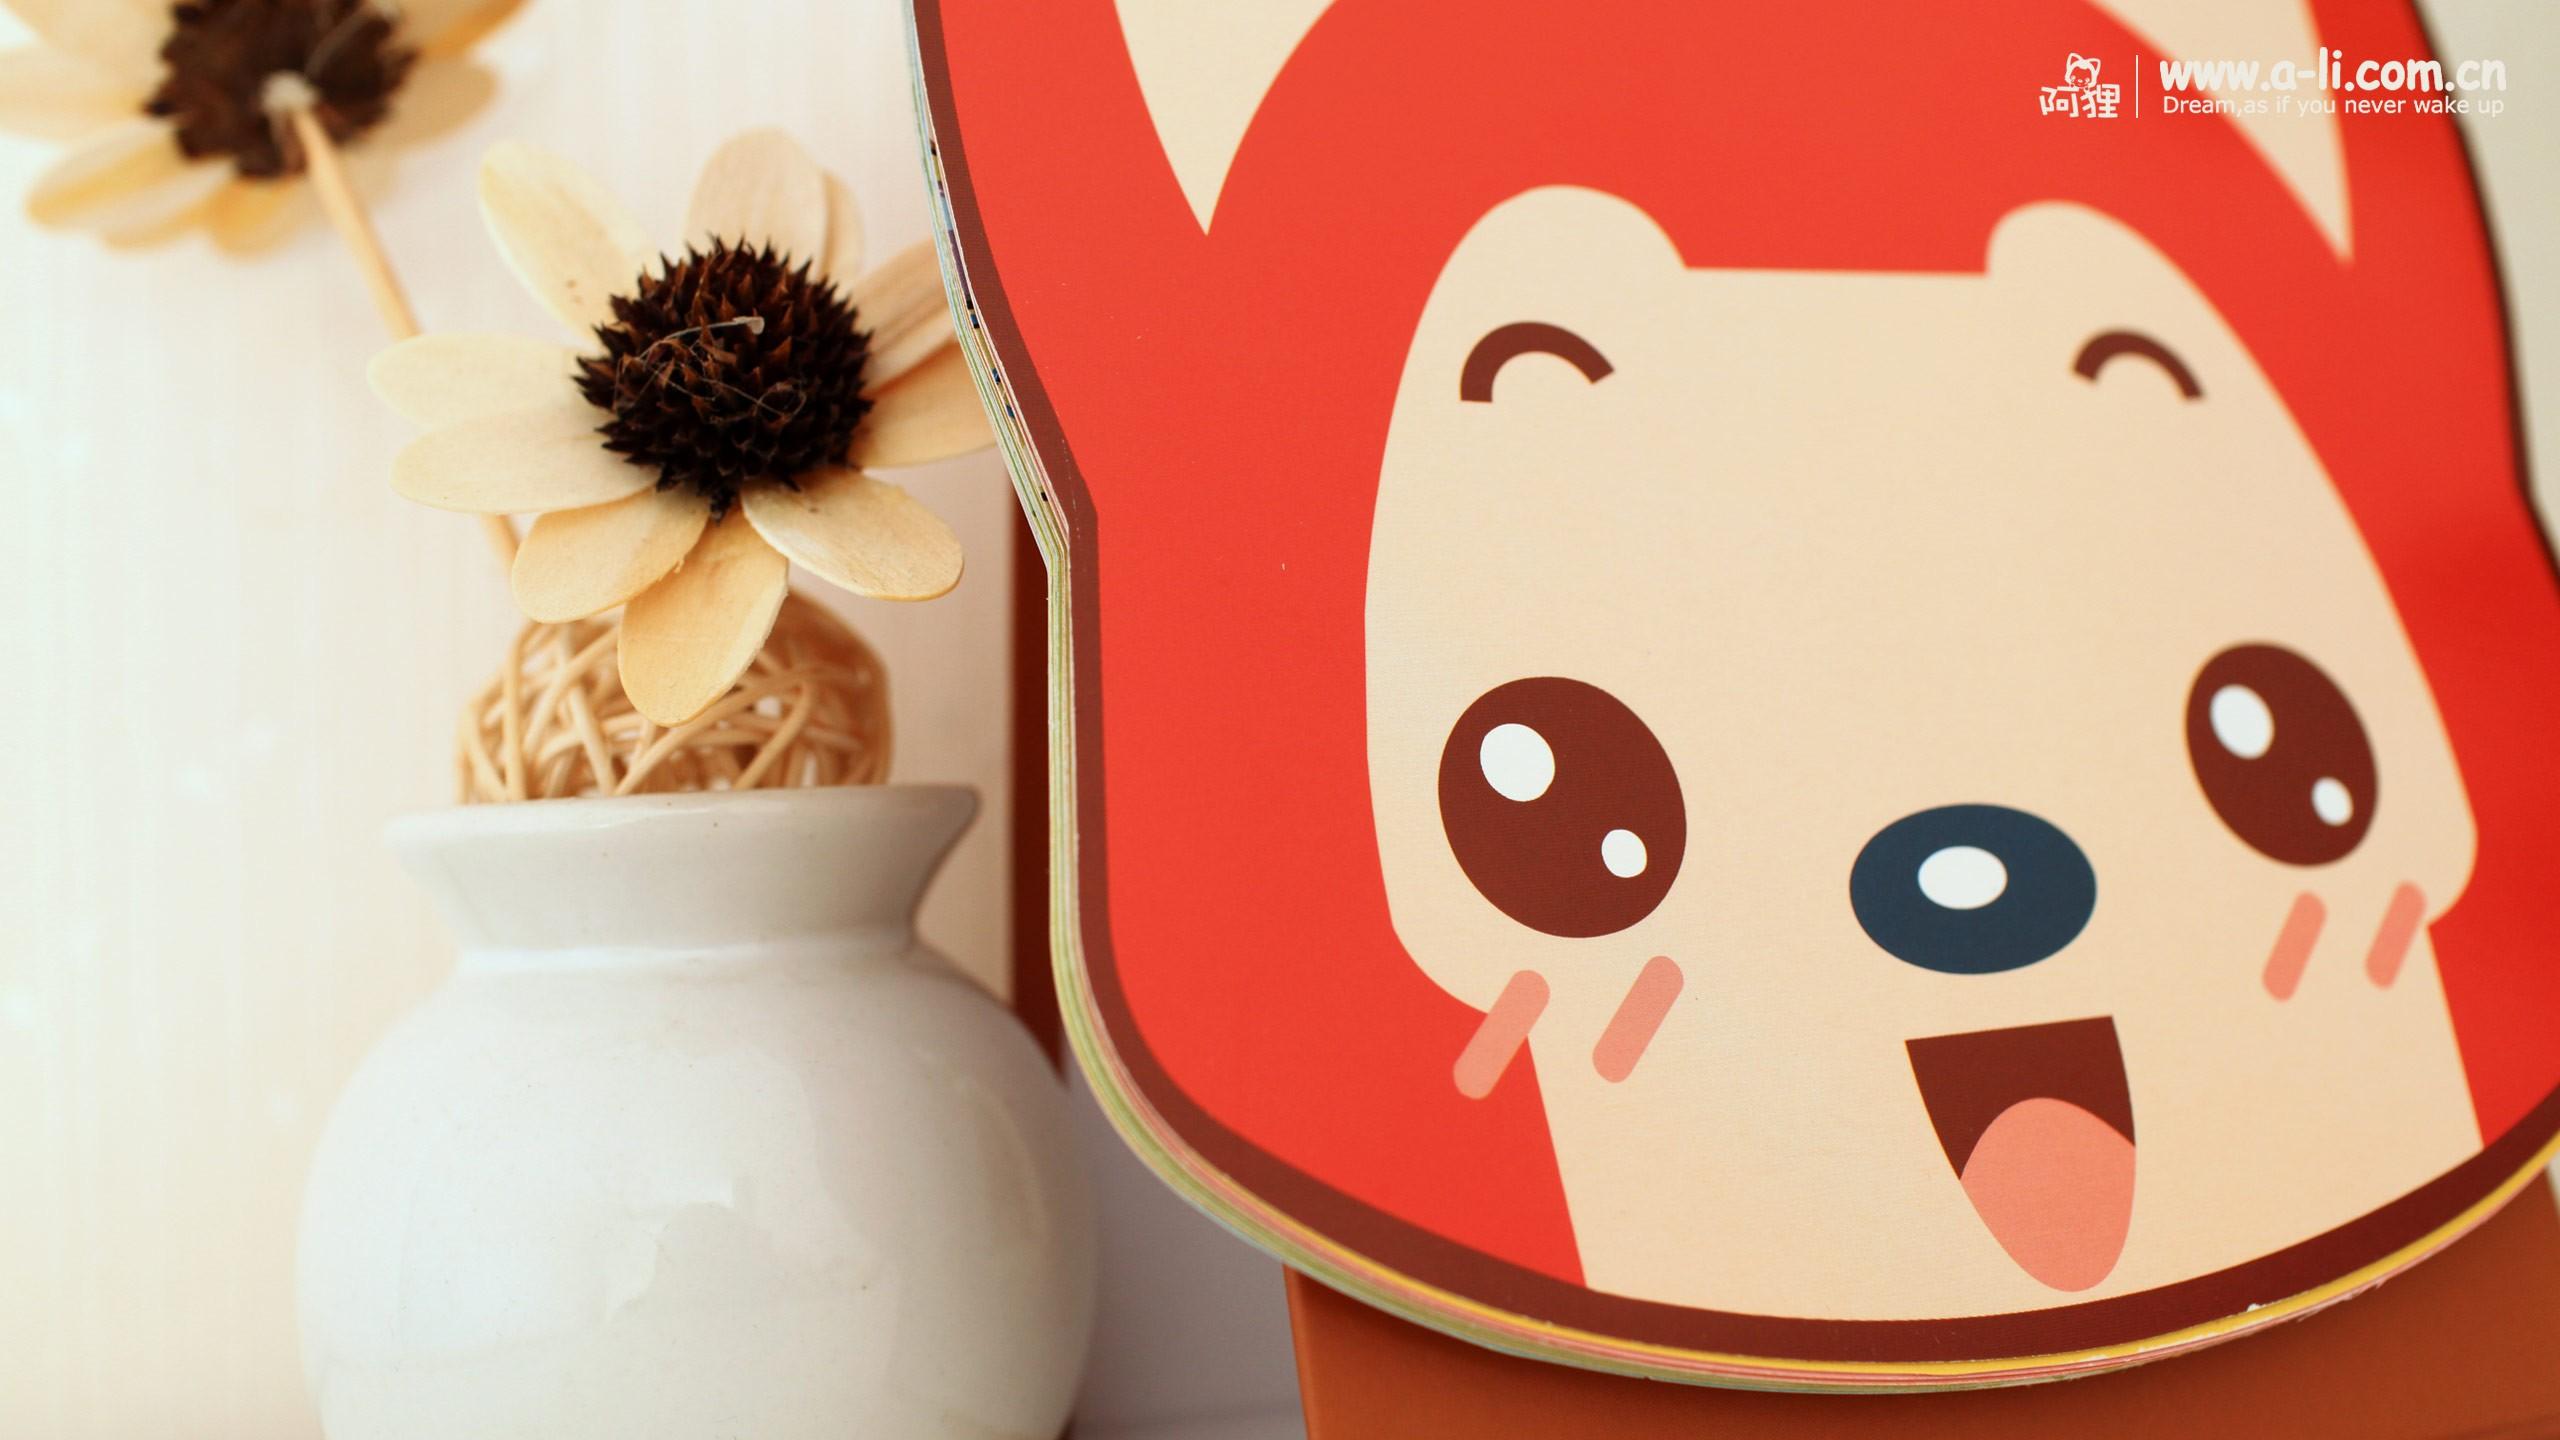 【分享】可爱的阿狸壁纸图片